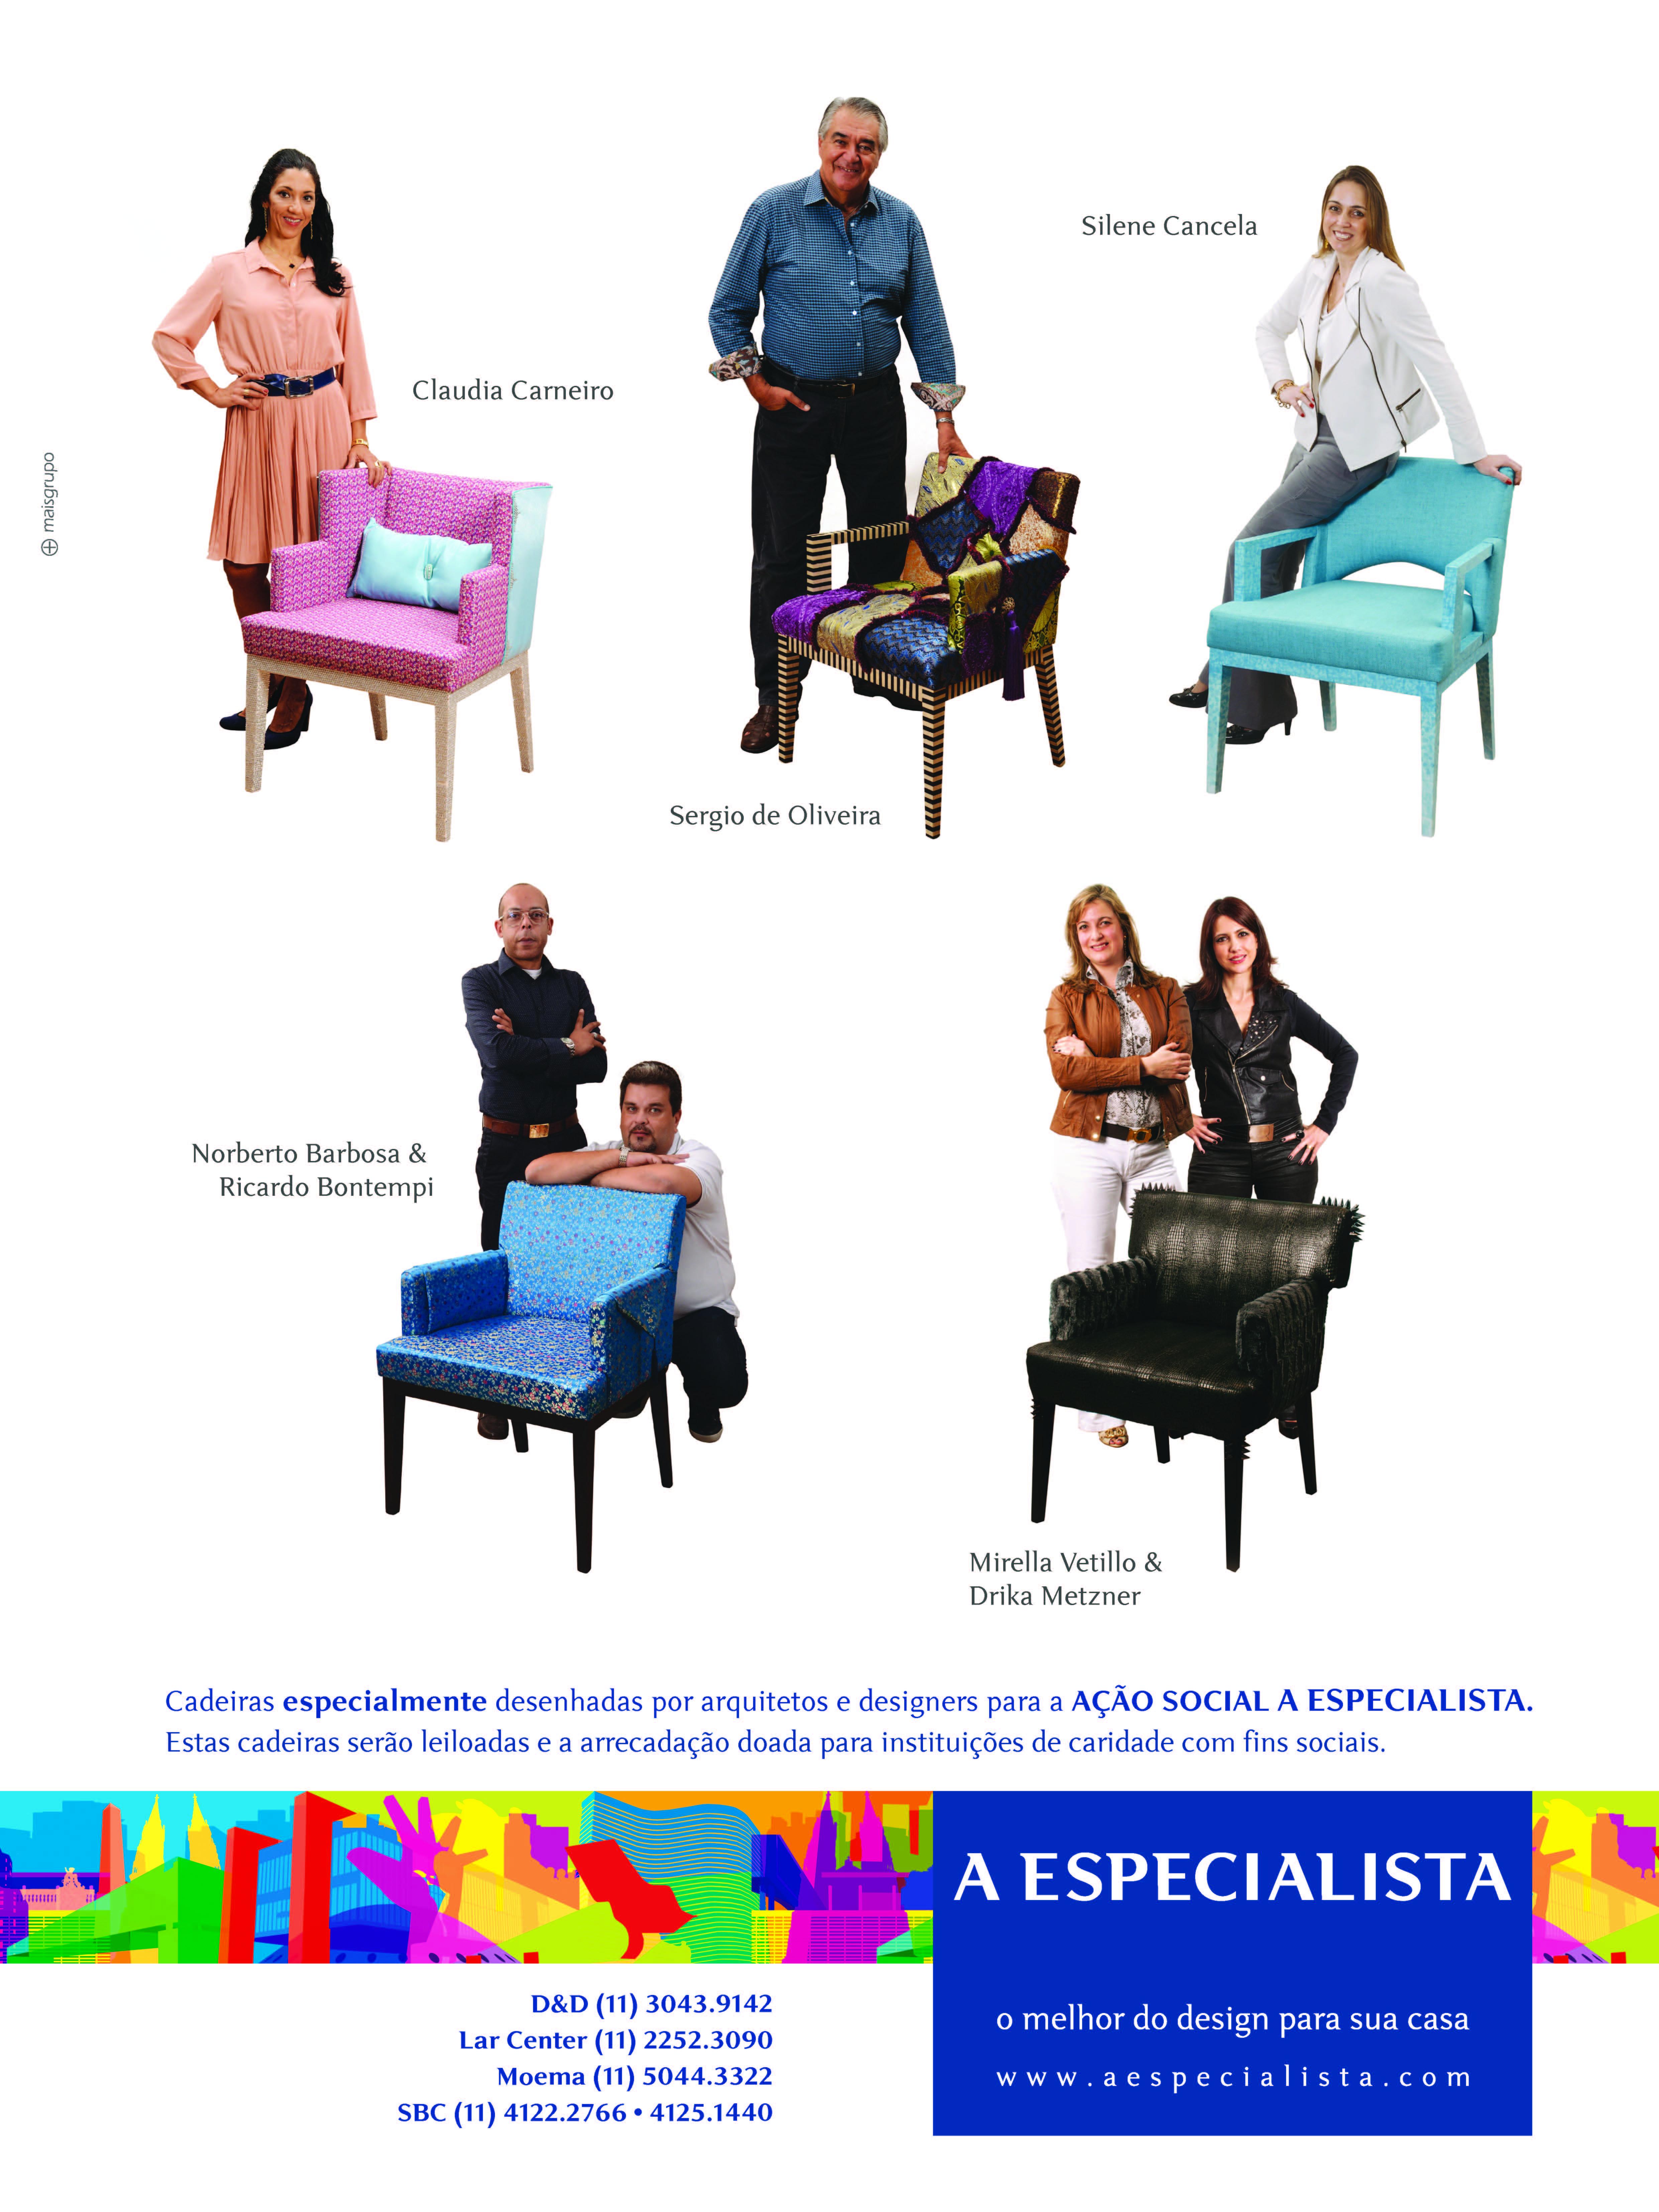 29 07 13 Anuncio A Especialista - Casa e Mercado 210x280 mm [Agosto]